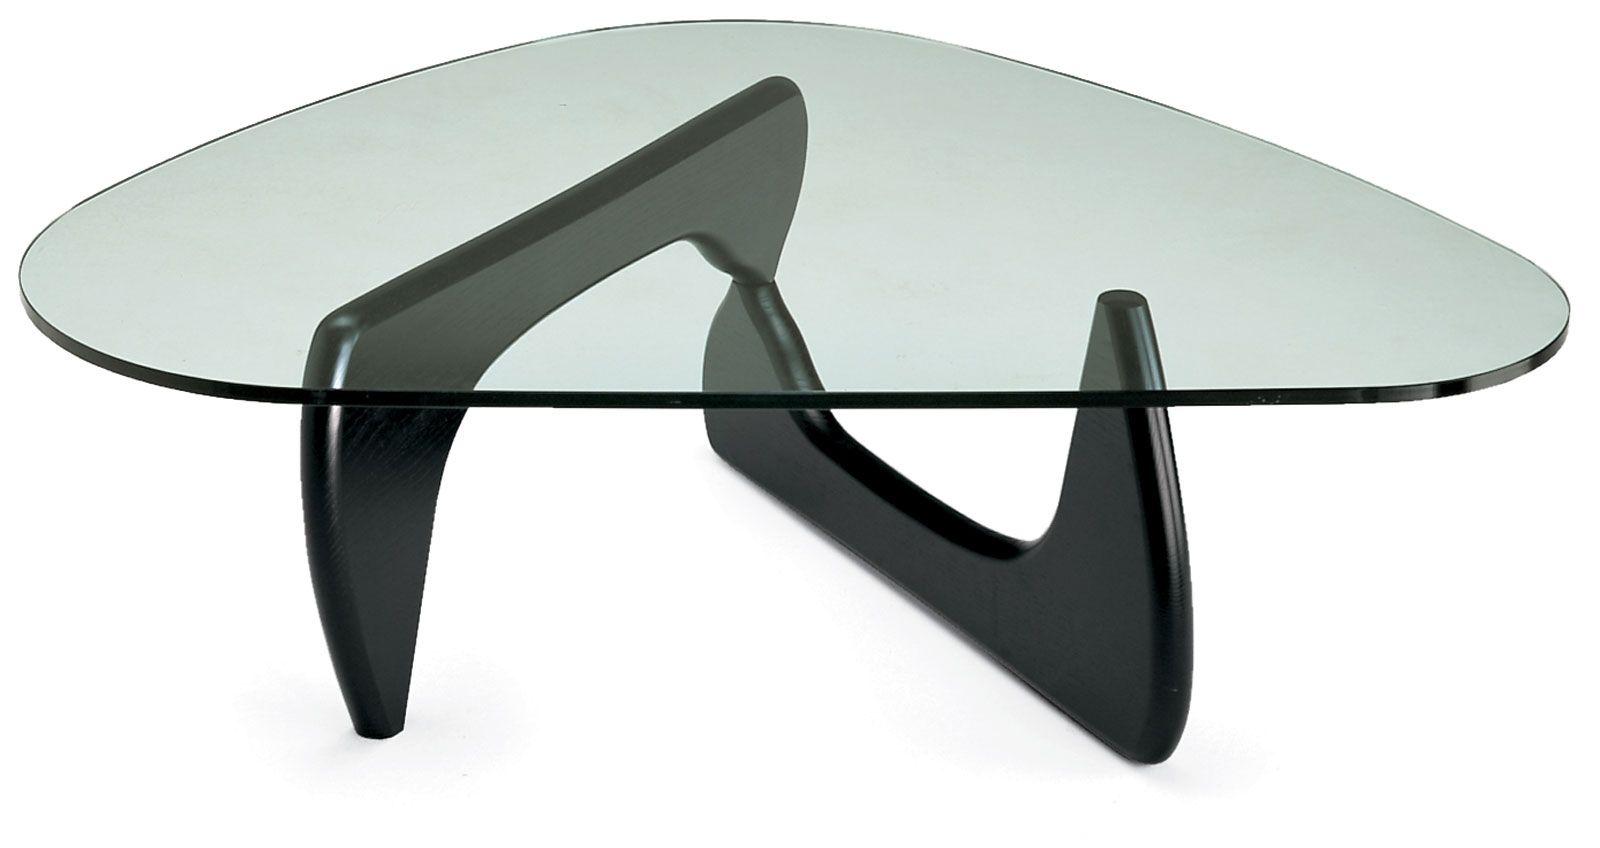 isamu noguchi table basse noguchi table design concepteurs. Black Bedroom Furniture Sets. Home Design Ideas